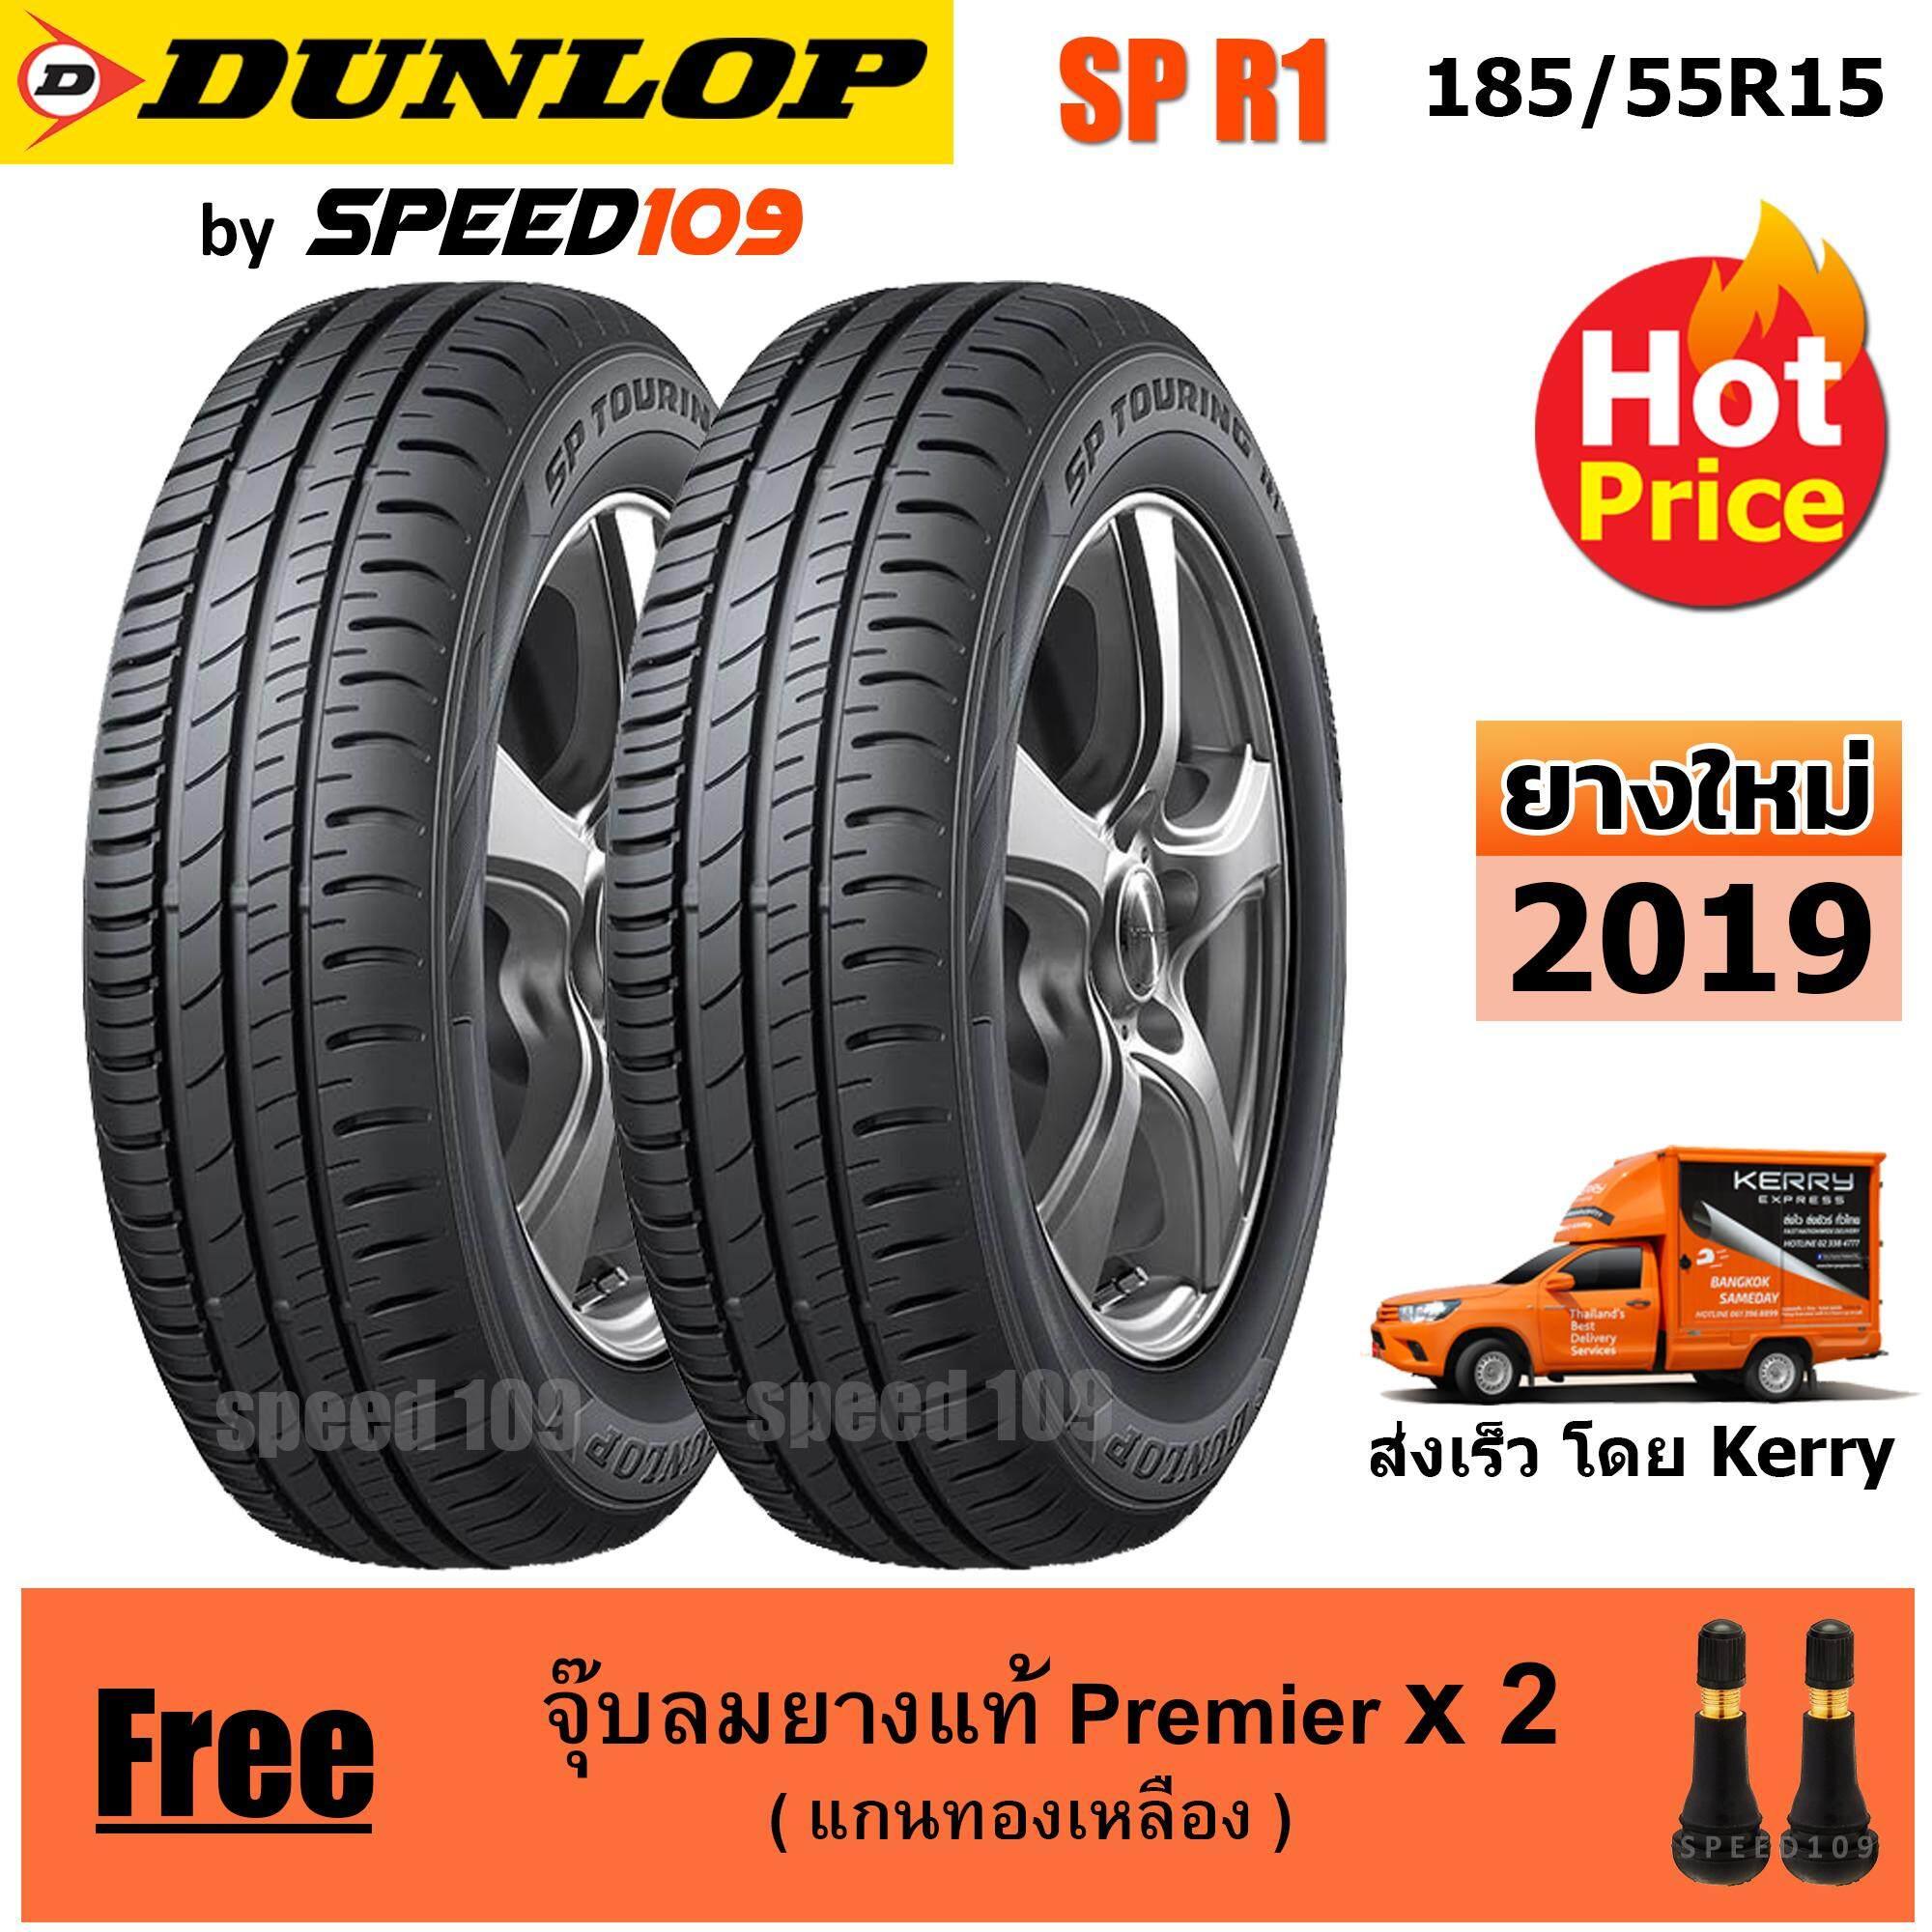 ตรัง DUNLOP ยางรถยนต์ ขอบ 15 ขนาด 185/55R15 รุ่น SP TOURING R1 - 2 เส้น (ปี 2019)